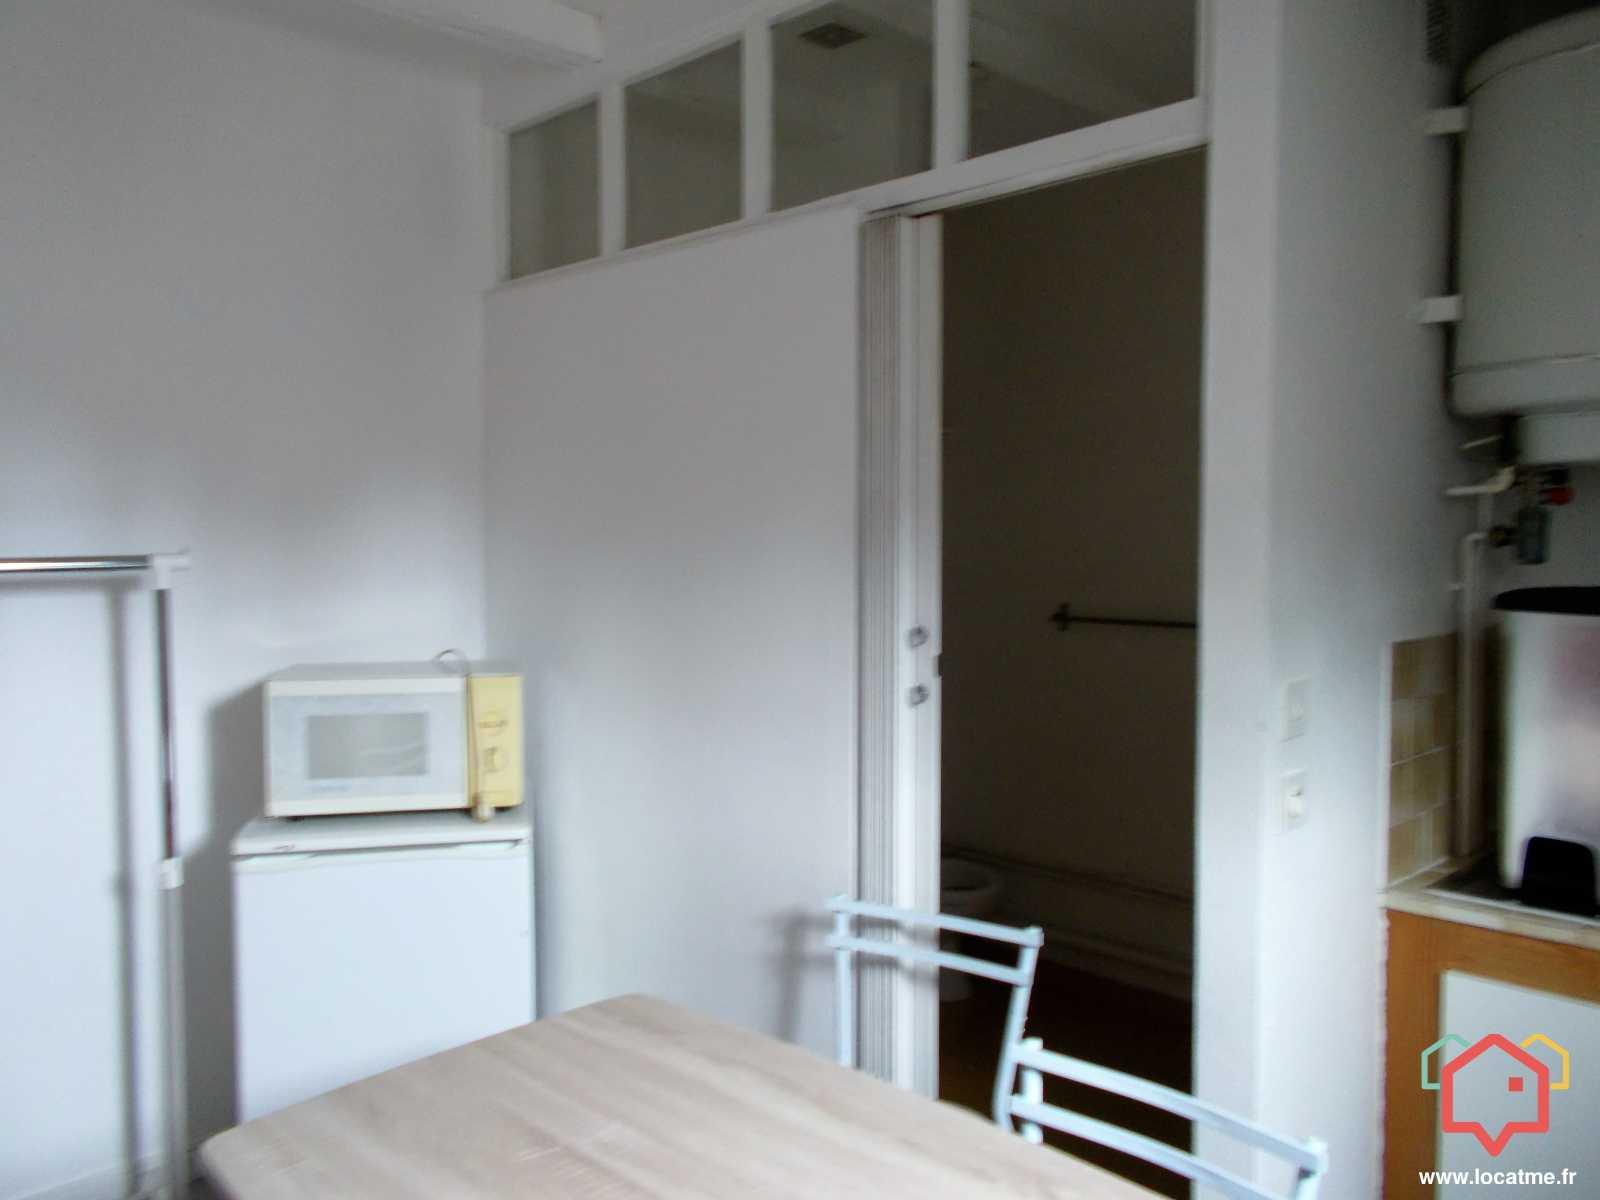 Location Studio Non Meublé à Besancon Particulier